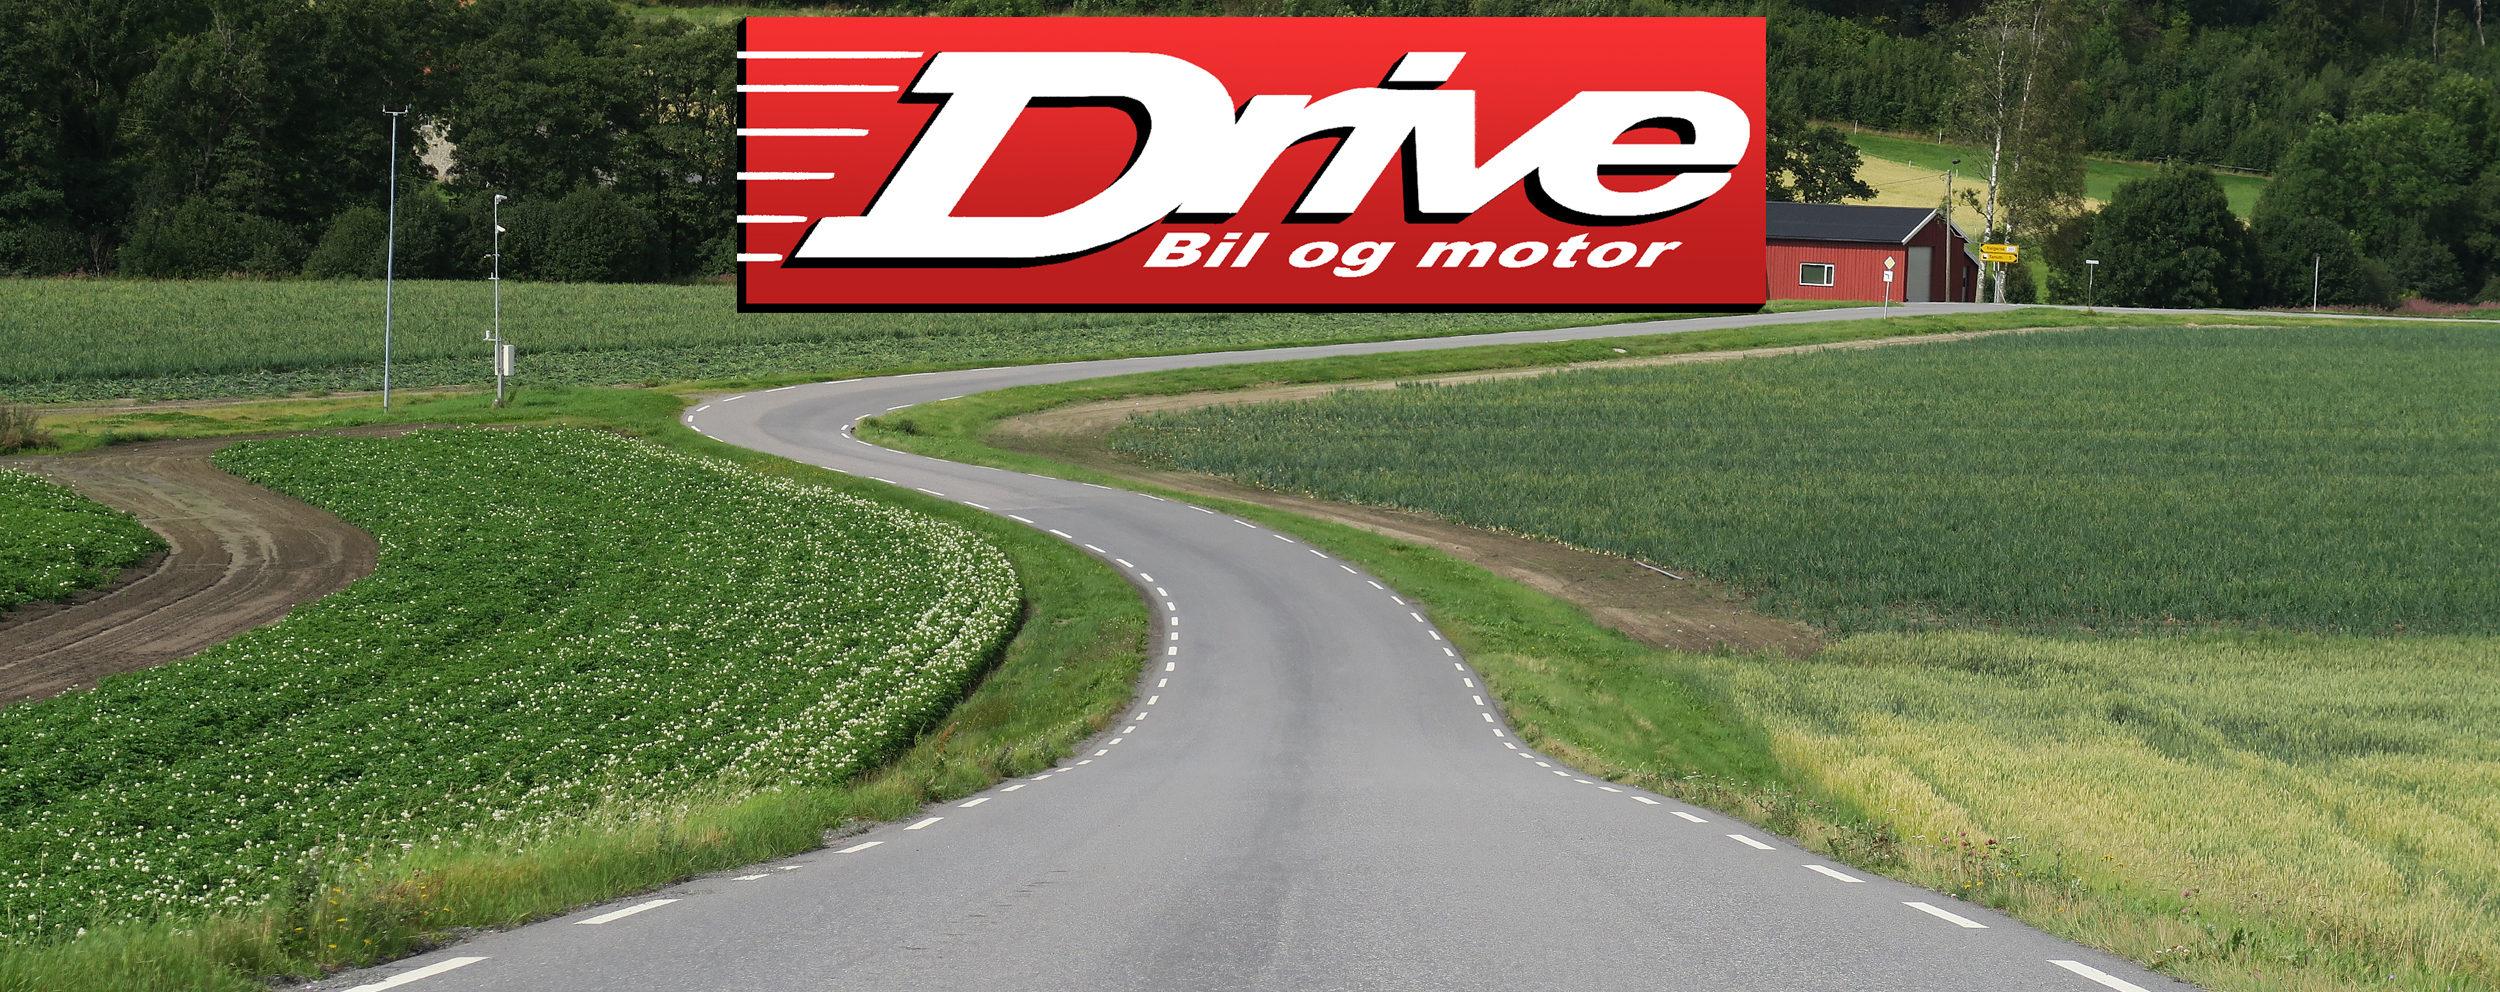 Drive – Bil og motor